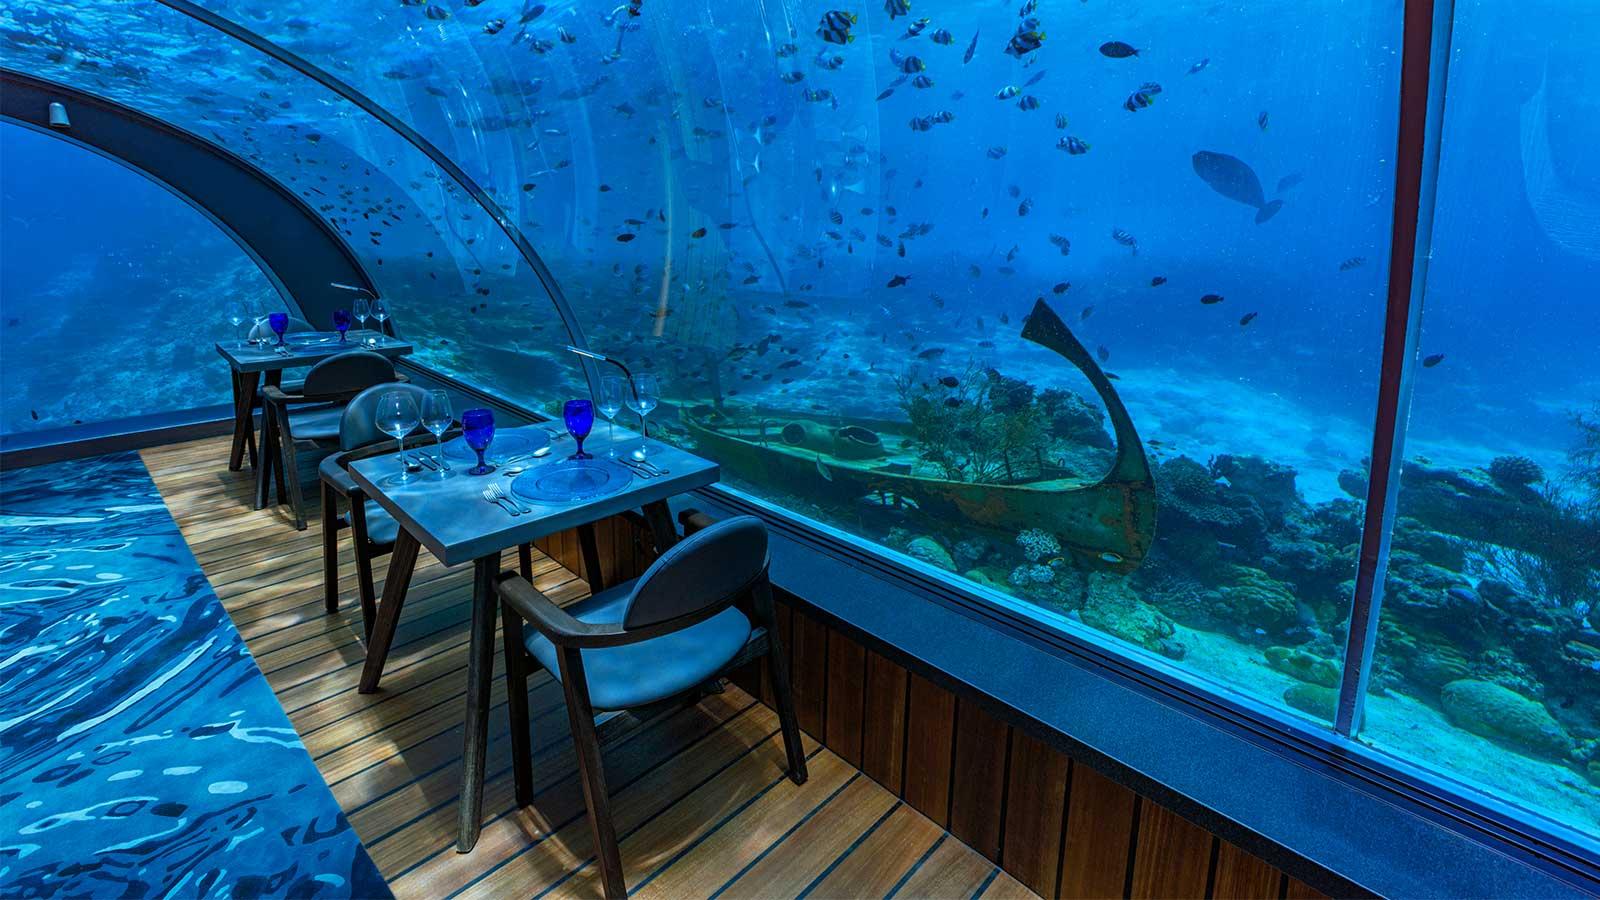 盤點各海底餐廳:讓食客接近海洋是怎樣一門生意?